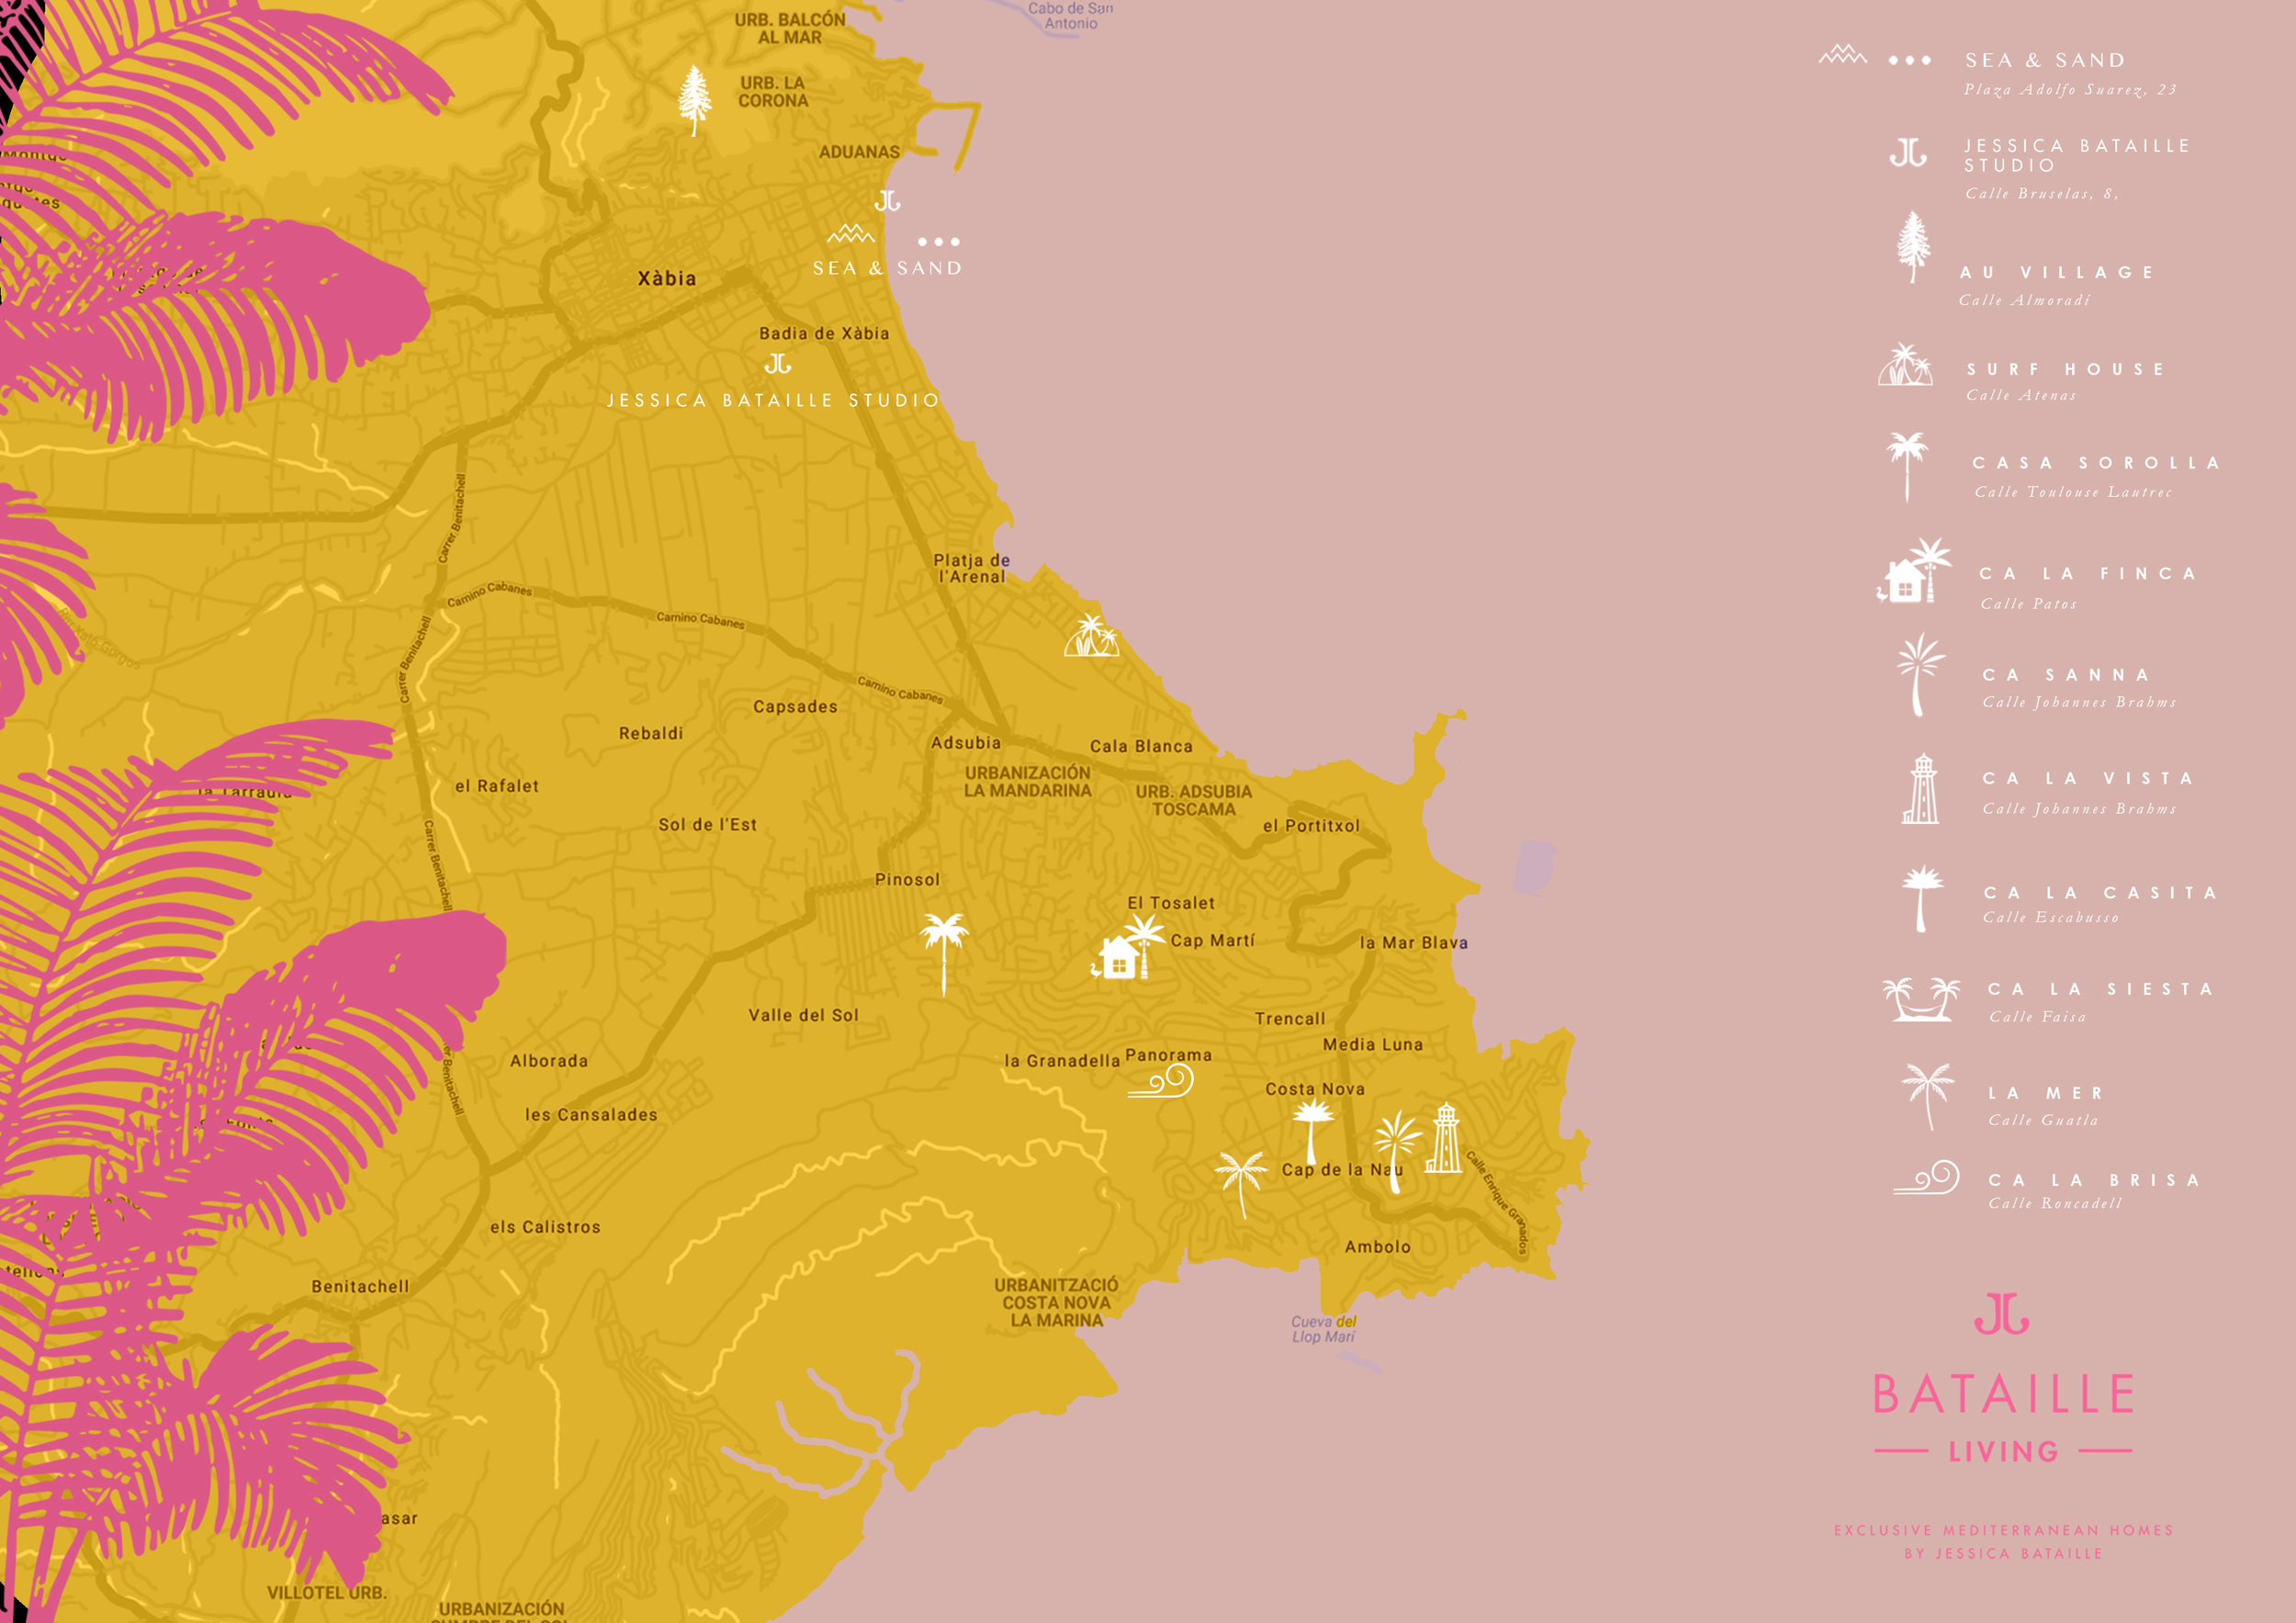 Bataille_Living_House_Map_Full_Colour__White_A4.jpg